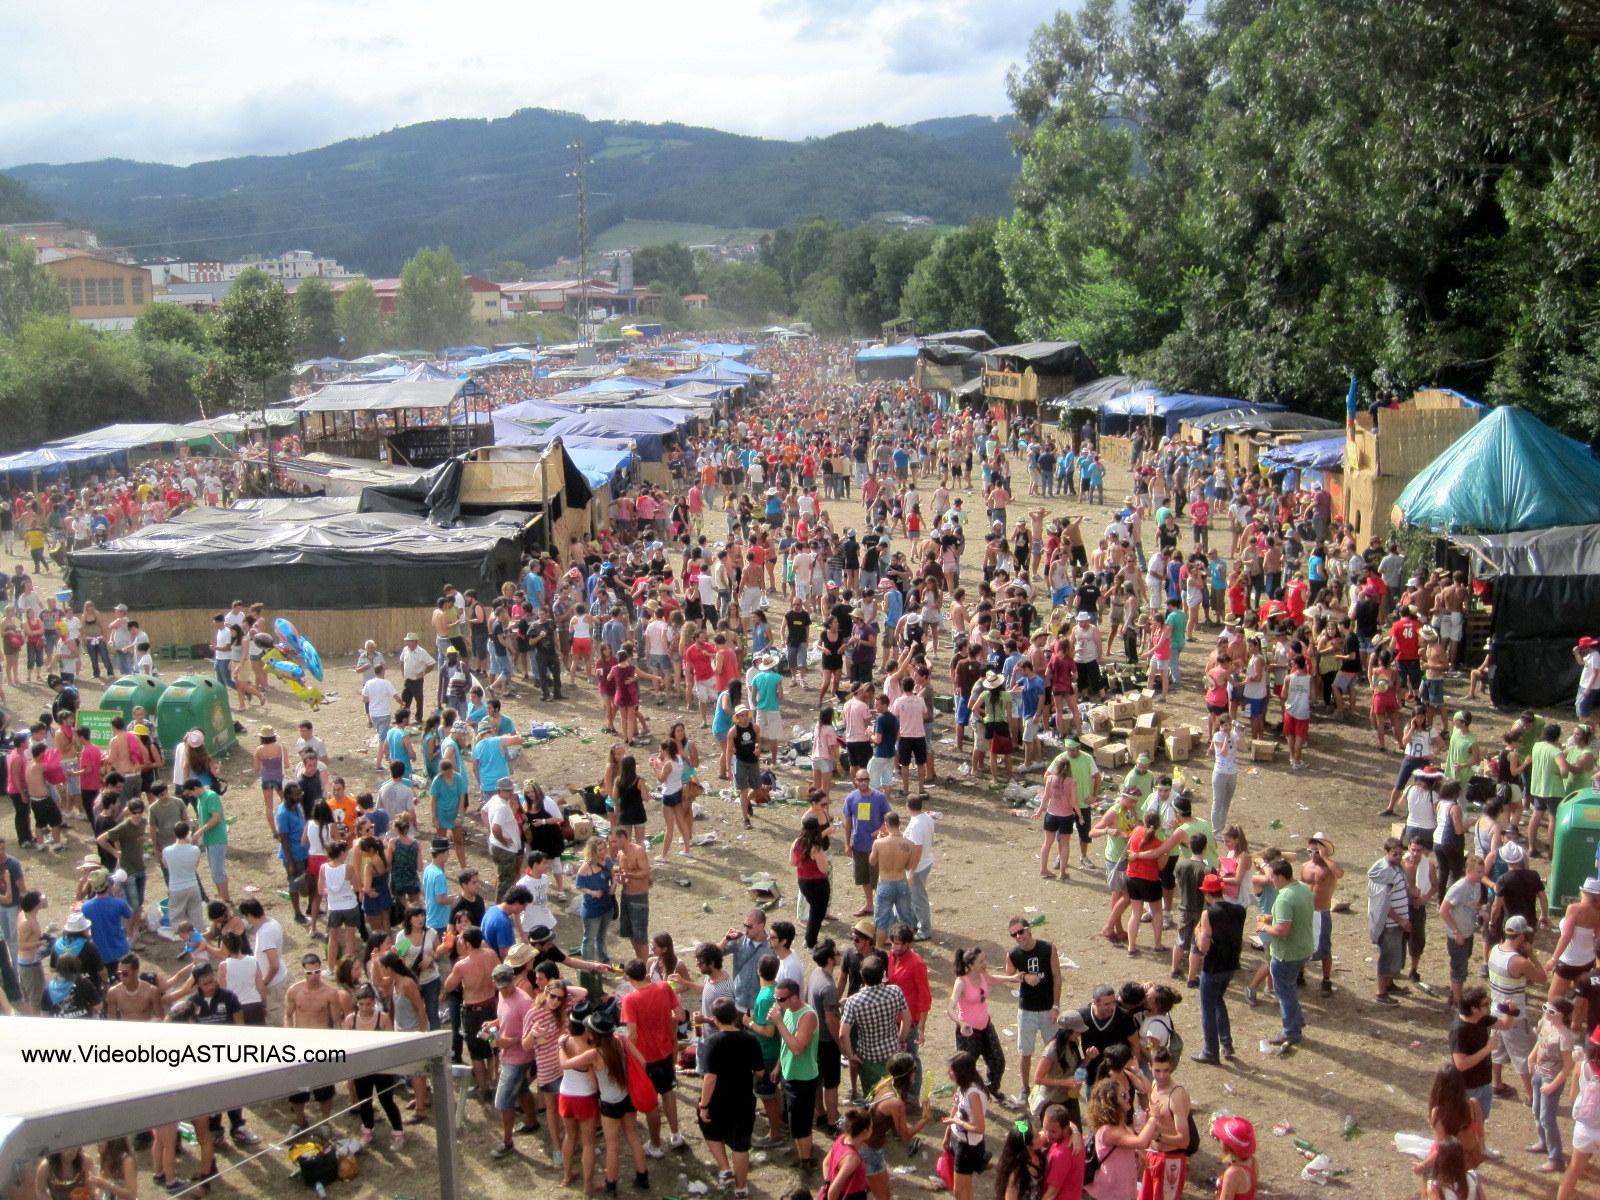 fiestas en asturias fin de semana